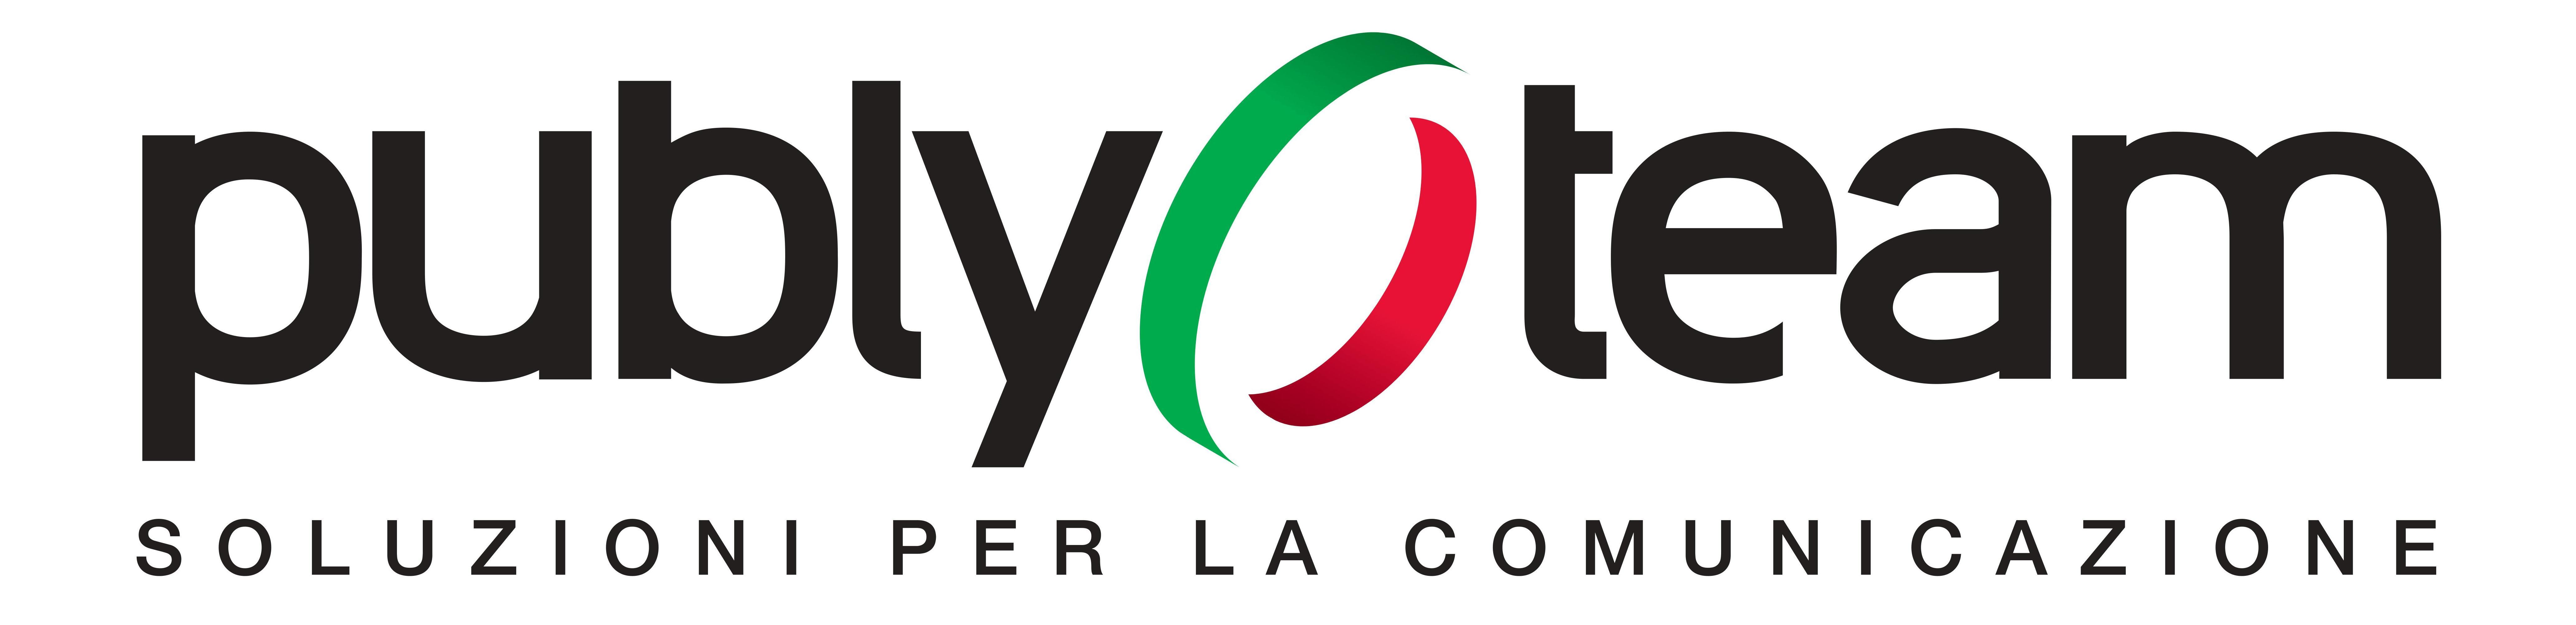 logo publyteam sfondo bianco